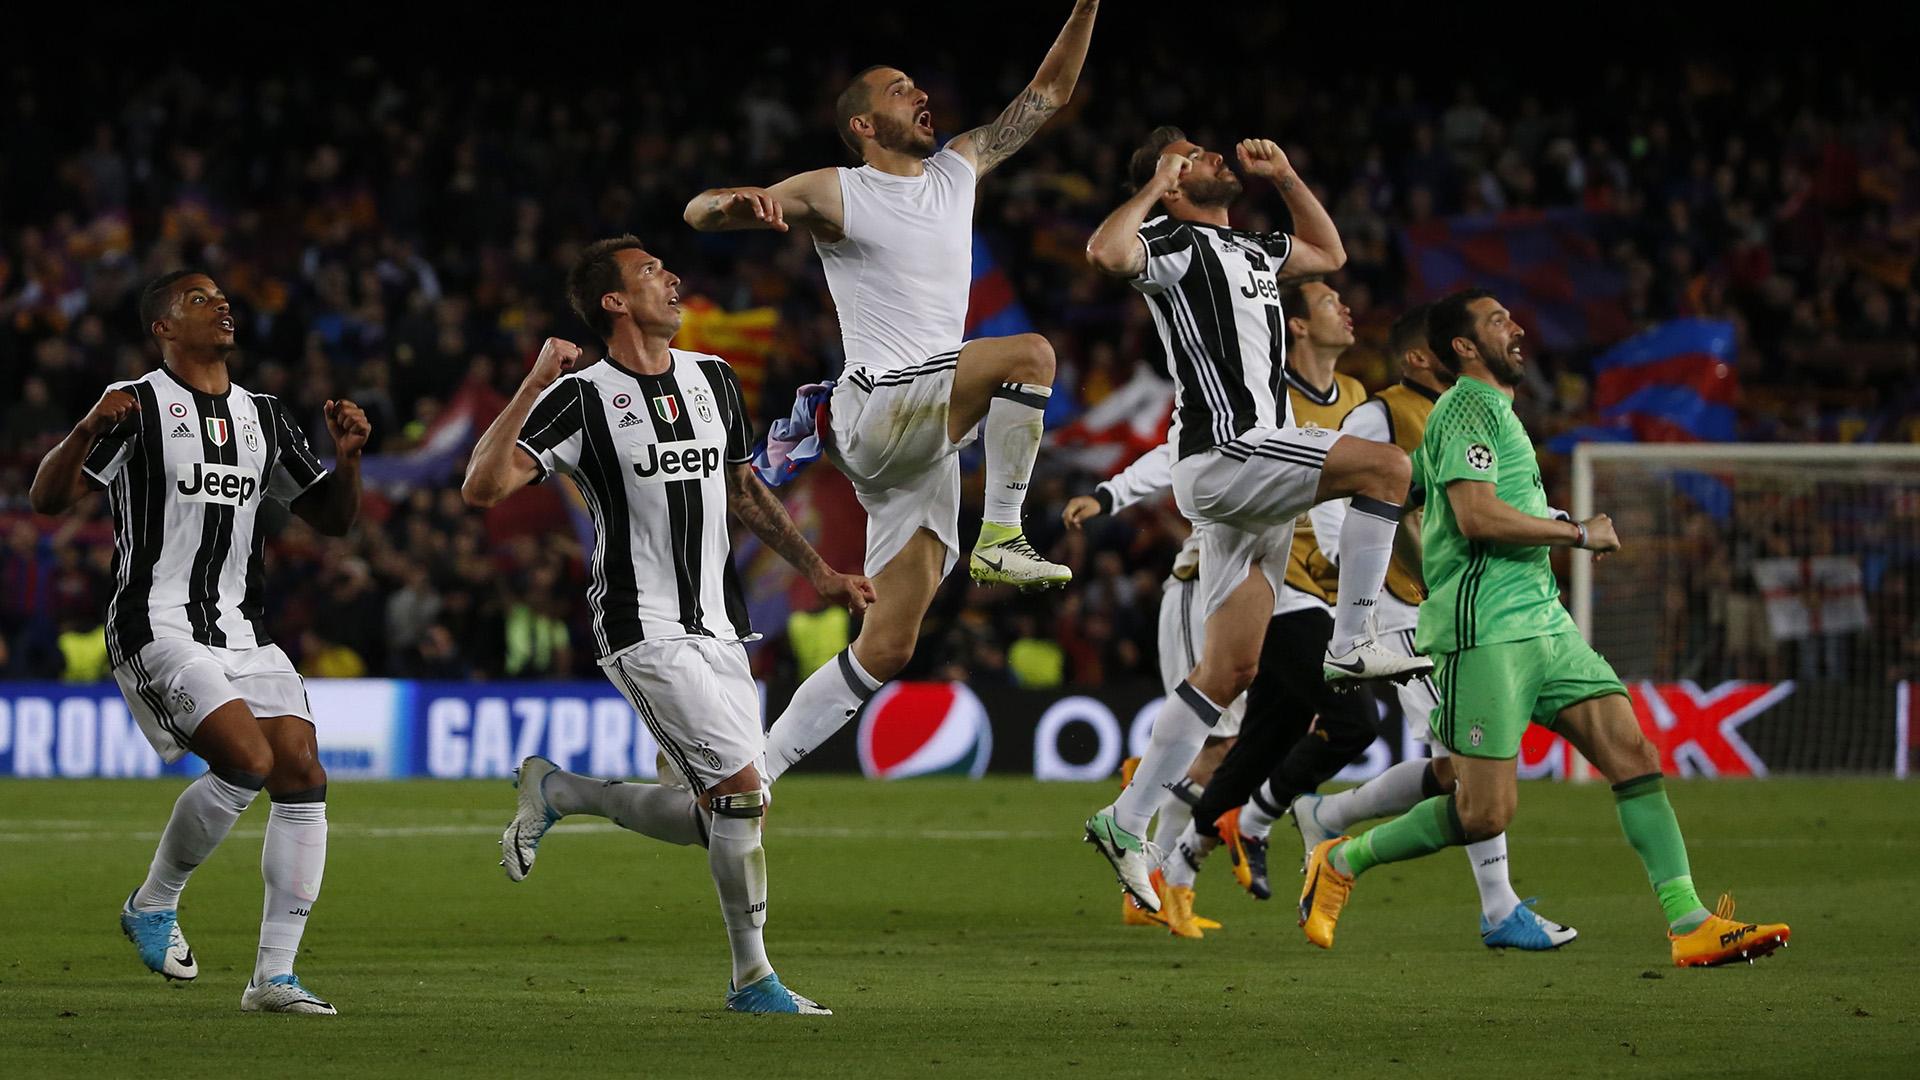 Juventus celebrating vs Barcelona